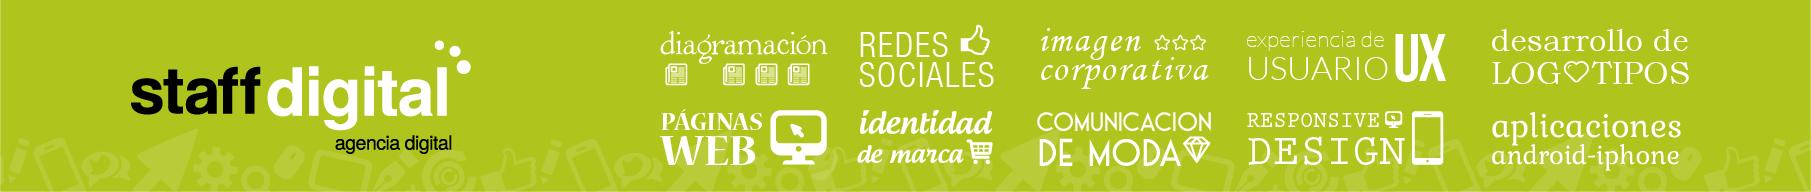 Staff Digital - Diseño de Páginas Web - Imagen Corporativa - Redes Sociales